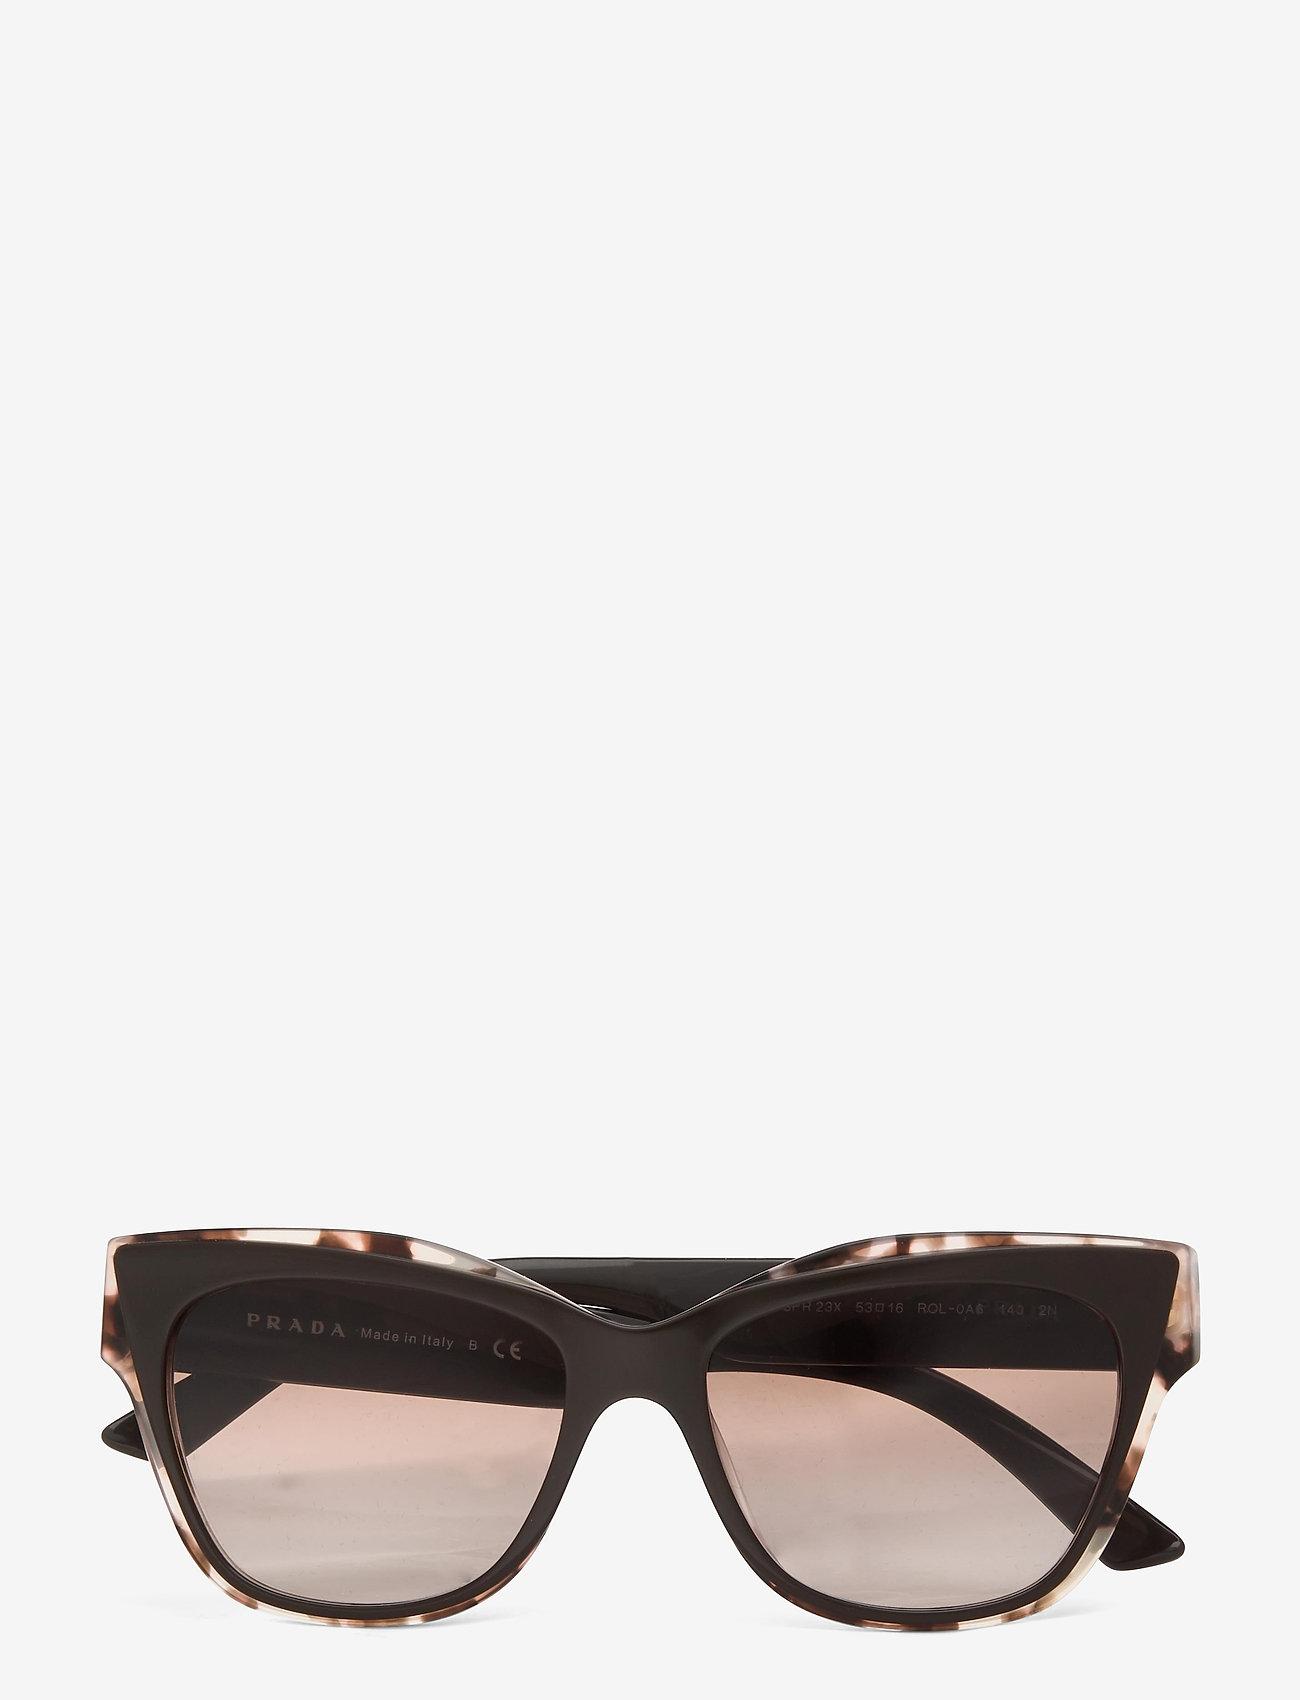 Prada Sunglasses - Sunglasses - wayfarer - brown gradient - 0